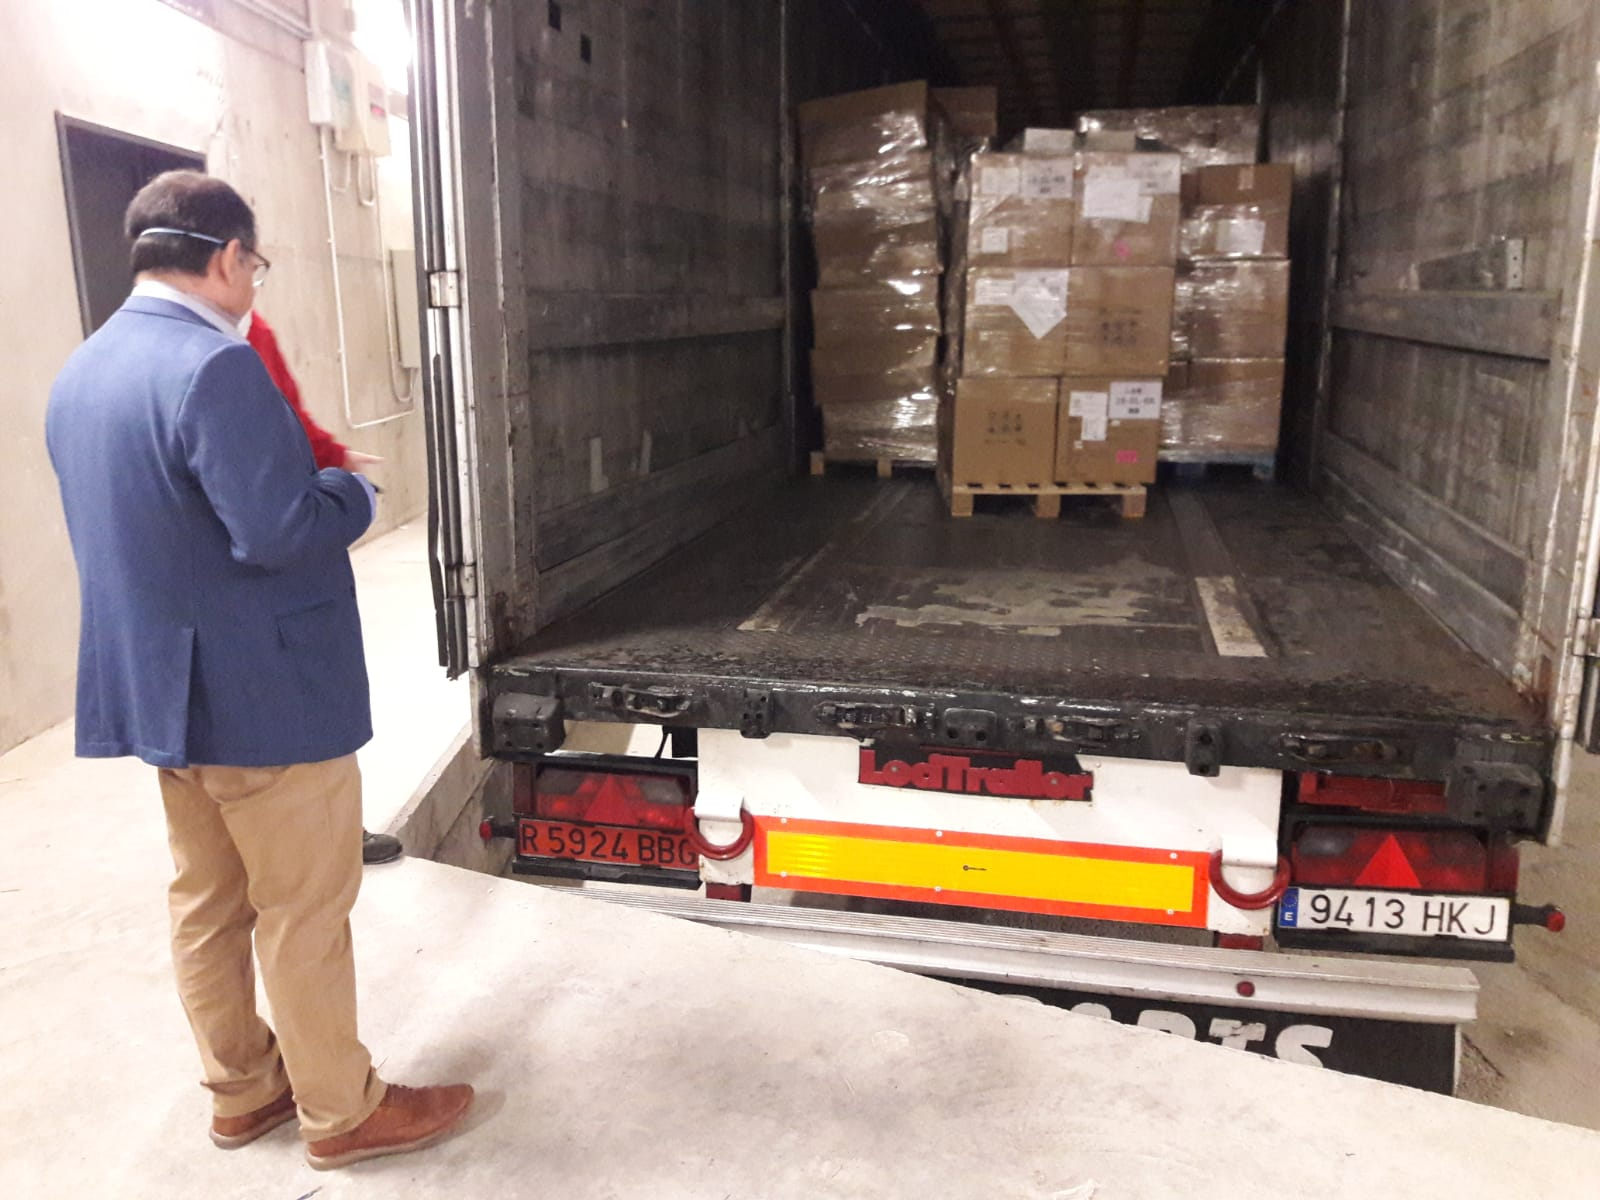 Castilla-La Mancha ha recibido hoy material enviado por el Ministerio de Sanidad que contiene mascarillas, ventiladores y batas de protección